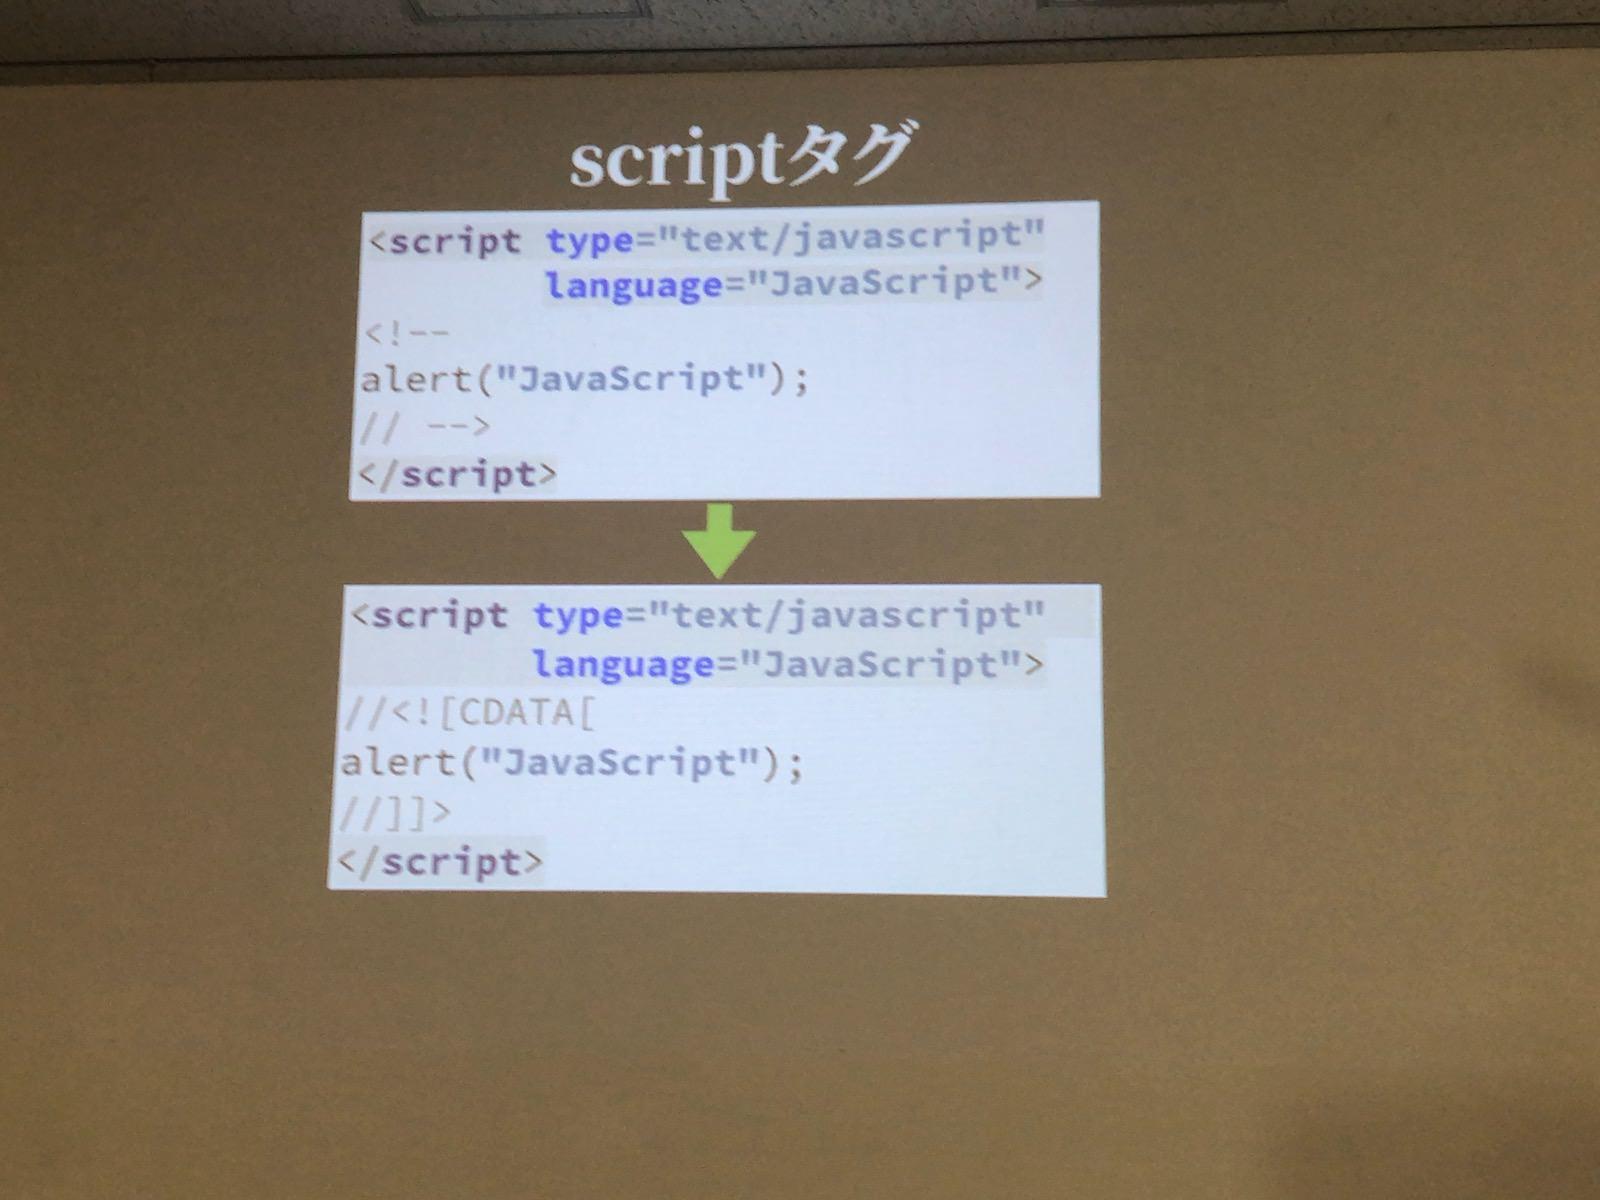 CDATAを使用したscriptタグのコード例